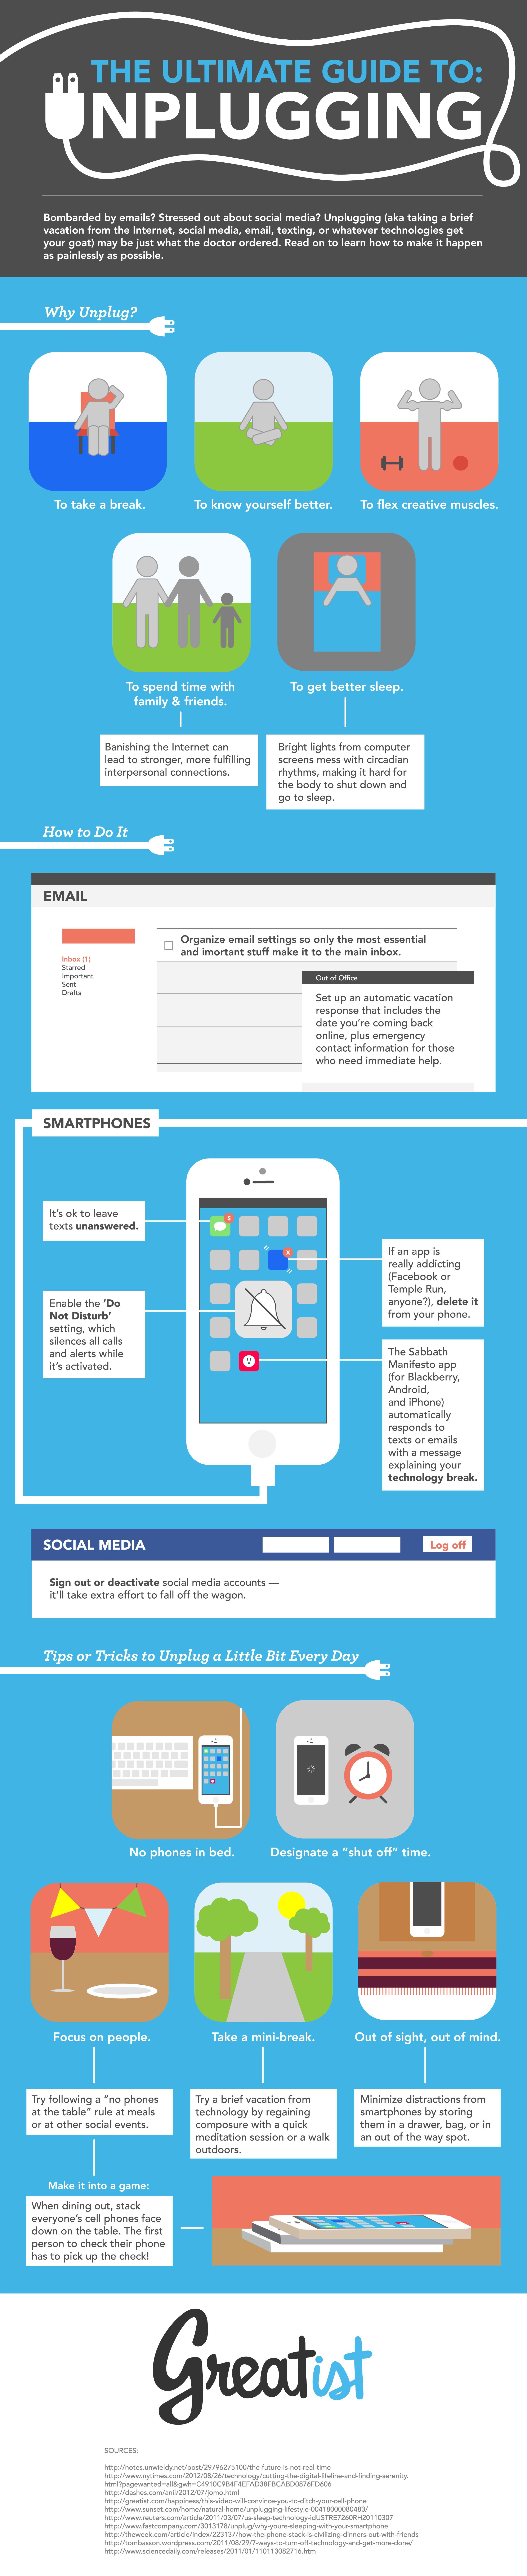 Infographie - Le guide ultime pour vous déconnecter